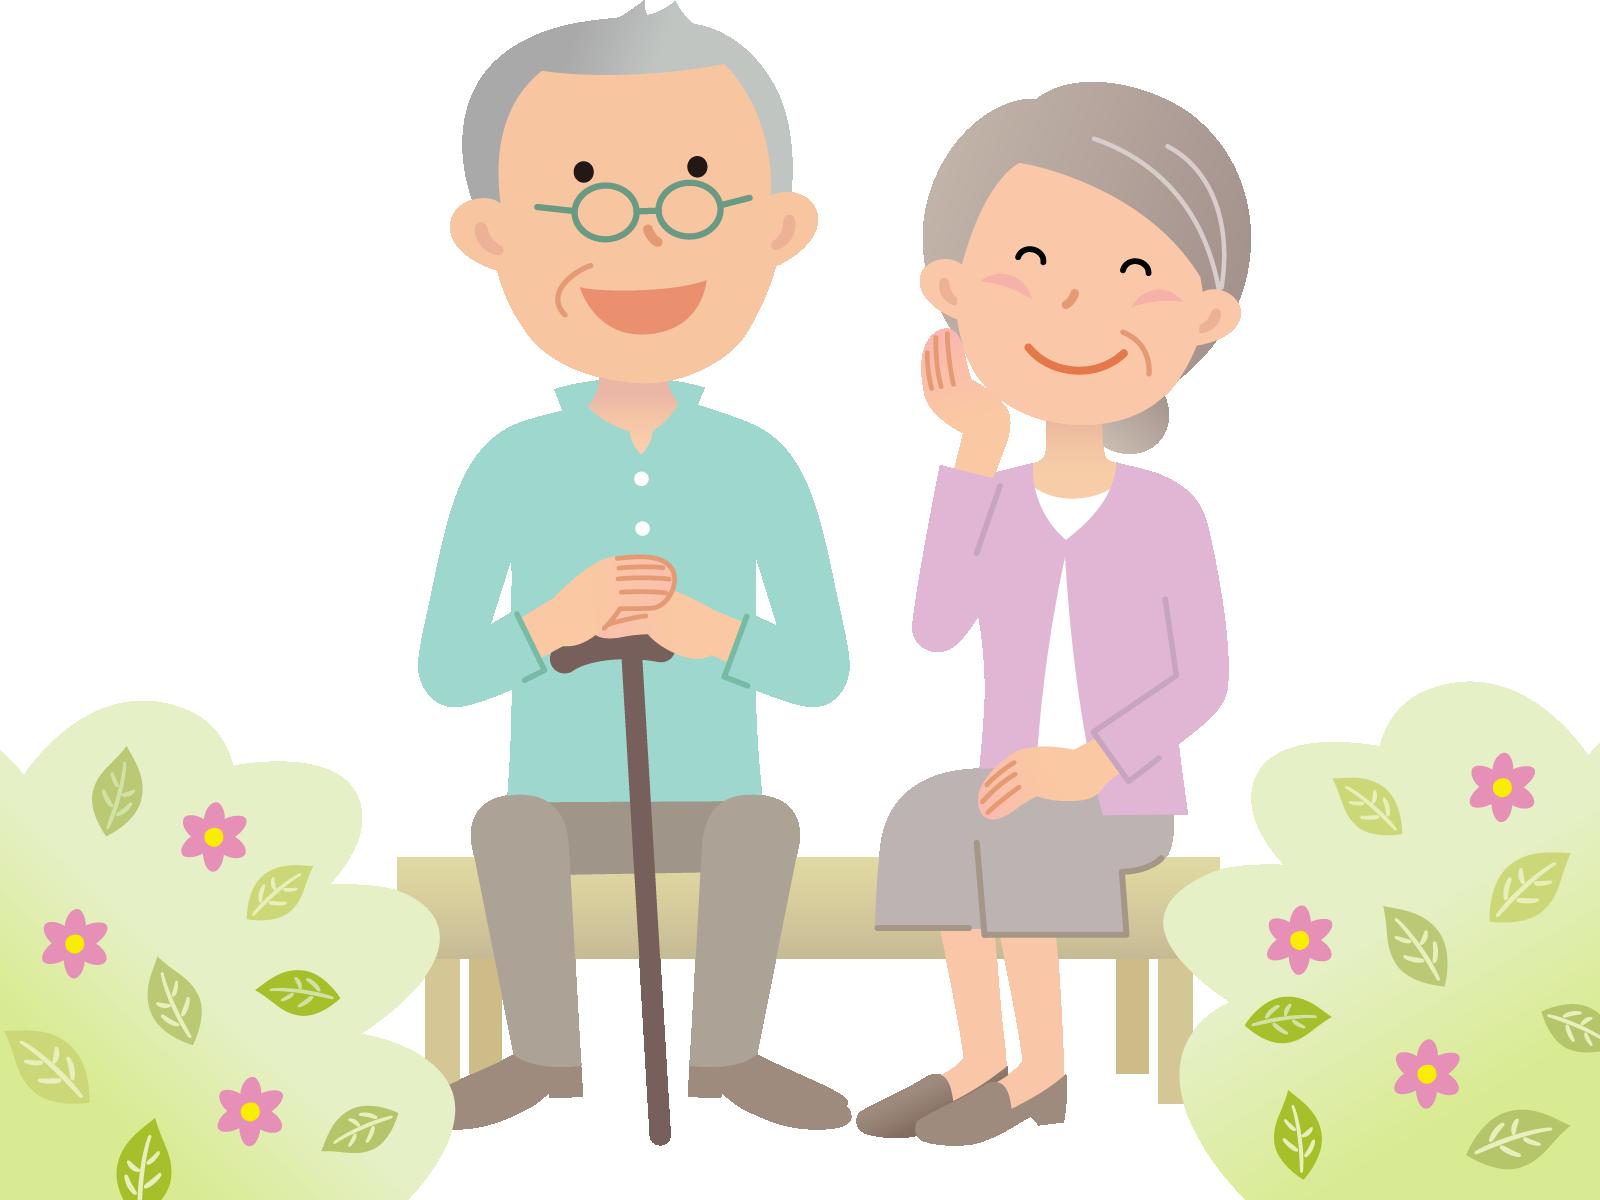 高齢者医療 負担増を緩和。上限額下げなど